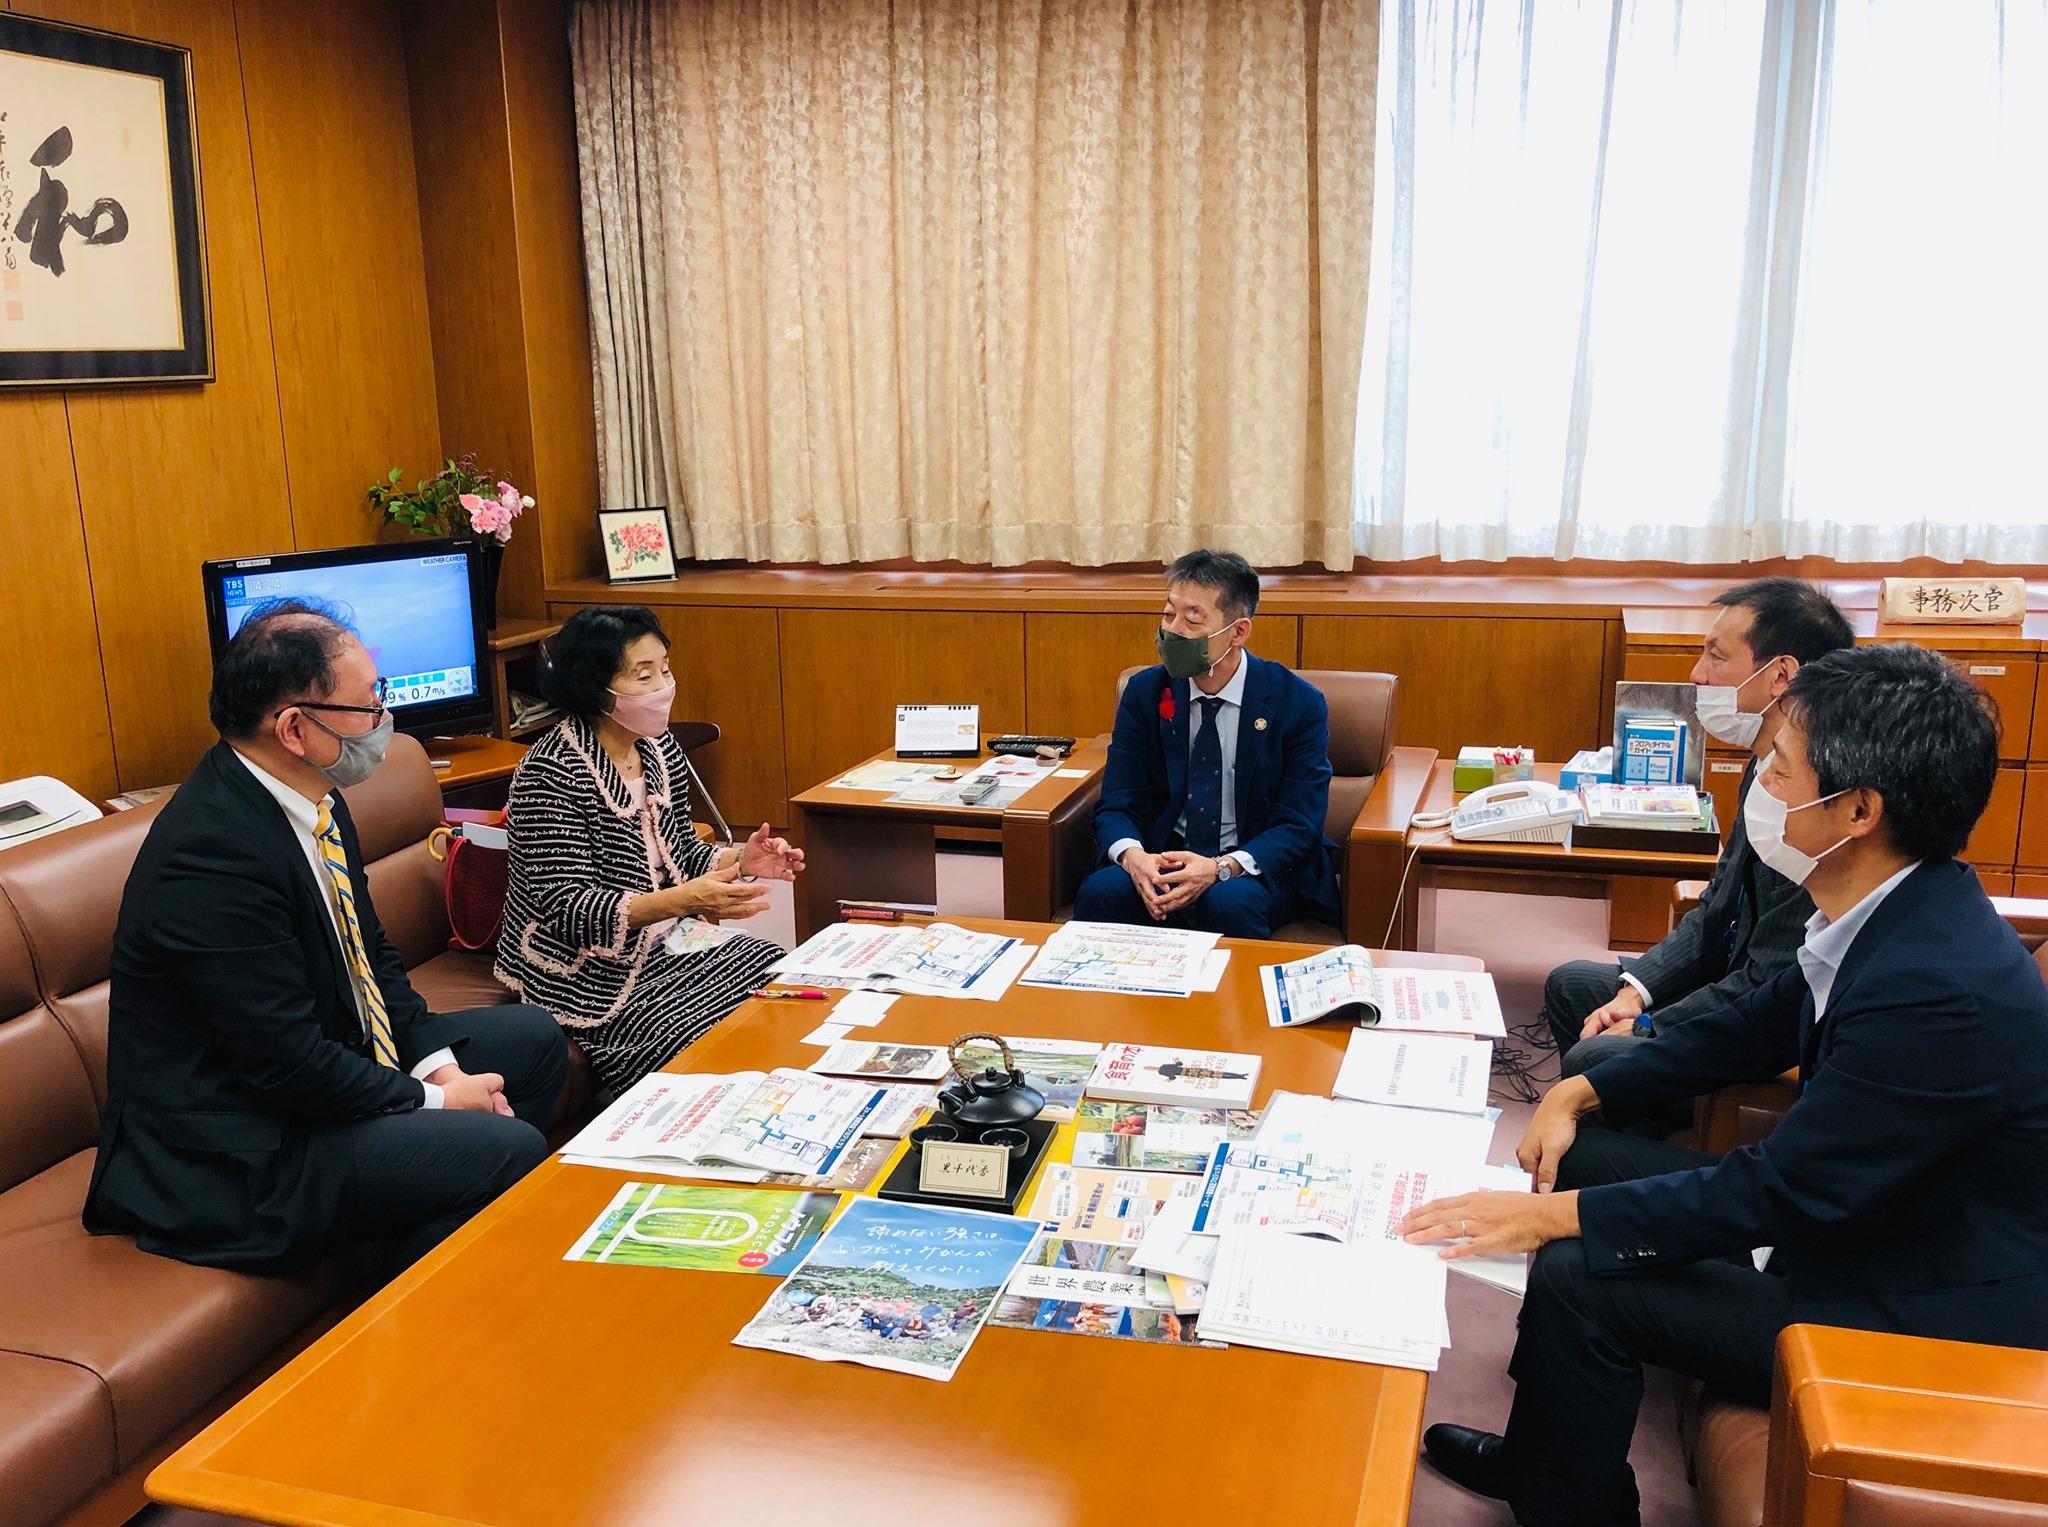 農林水産省の枝元真徹事務次官を訪問しスマート農業について意見交換しました。